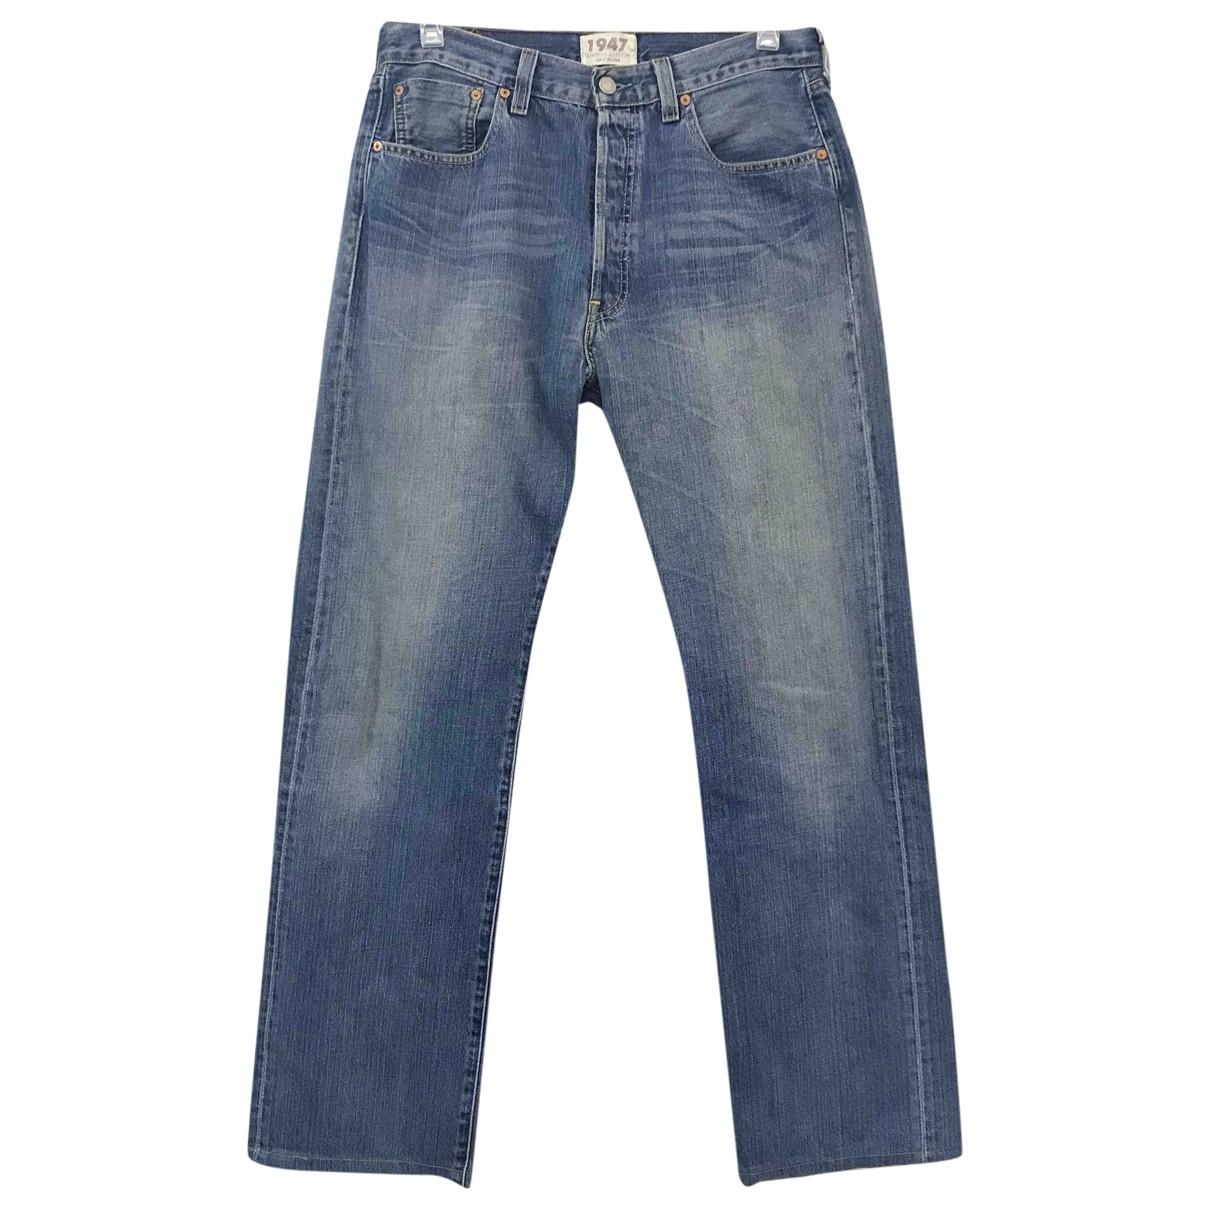 Levi's \N Blue Cotton Jeans for Men 42 - 44 FR